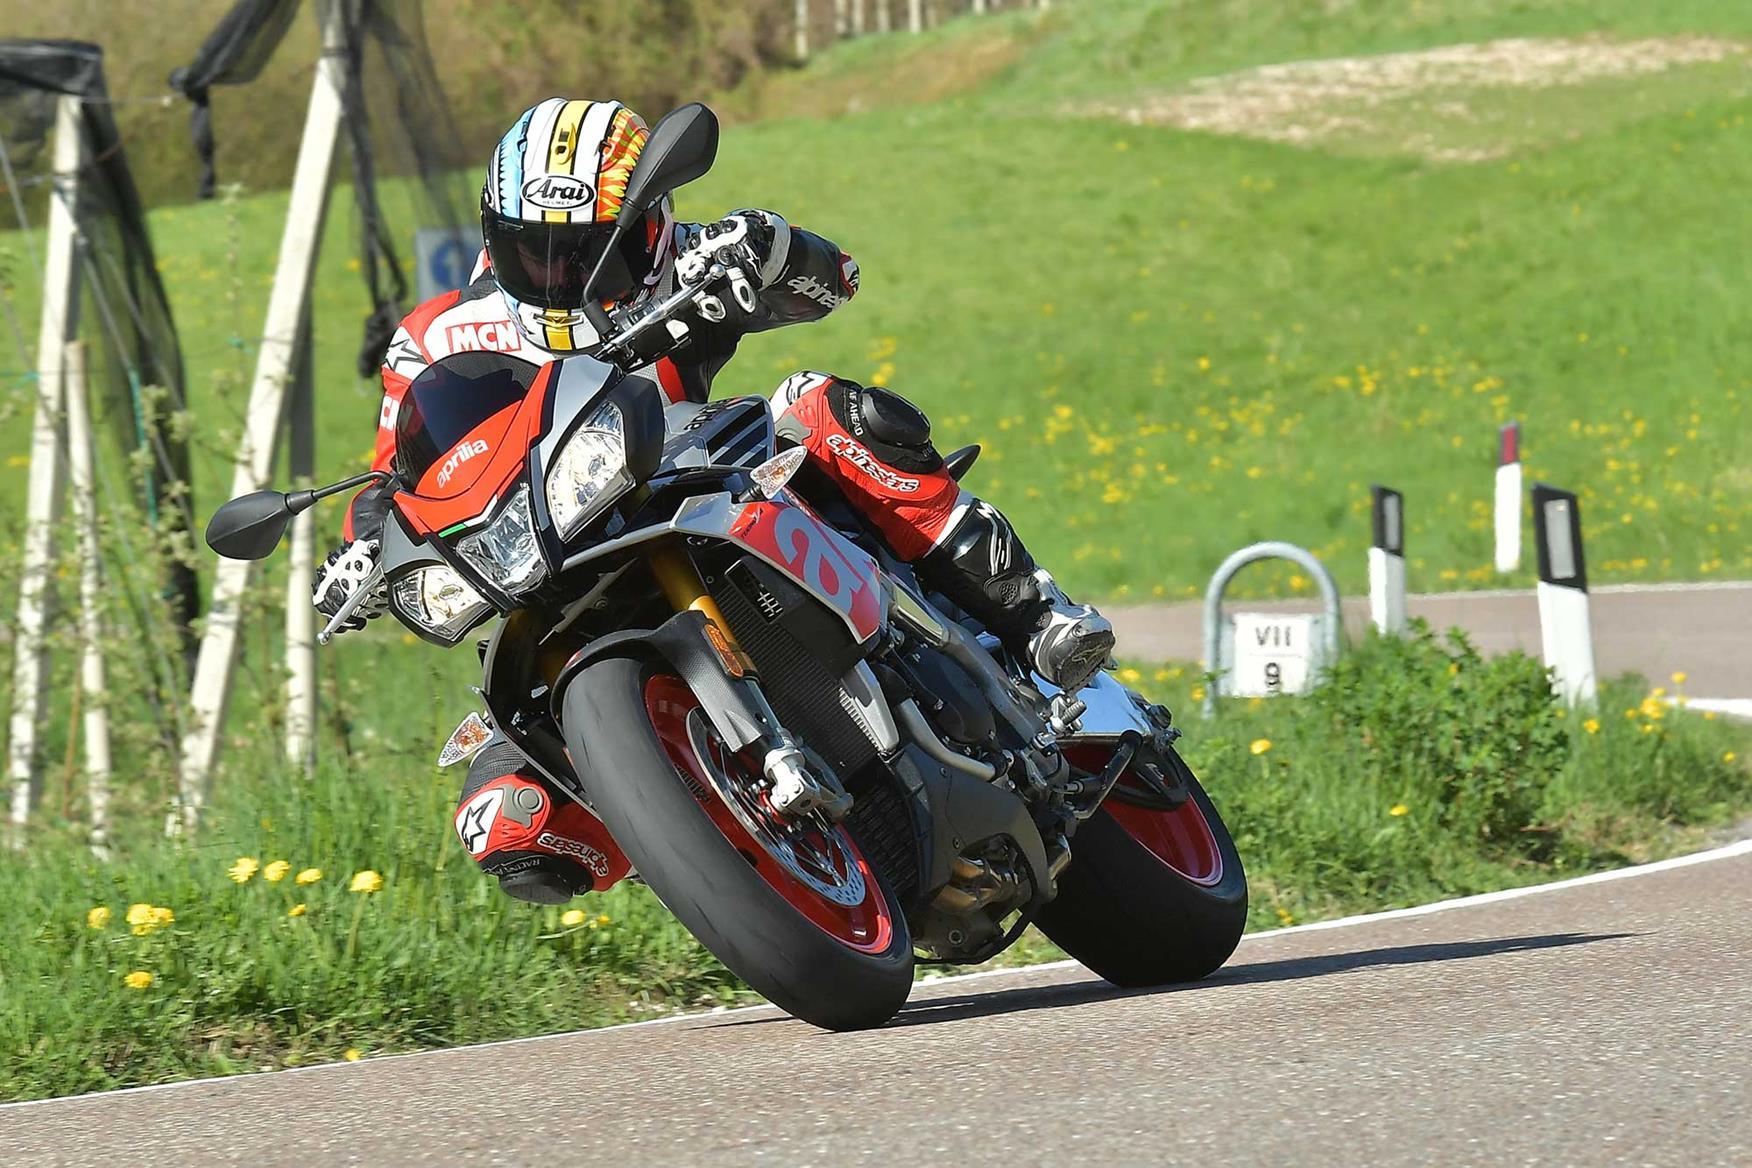 Aprilial Tuono V4 1100 turning right